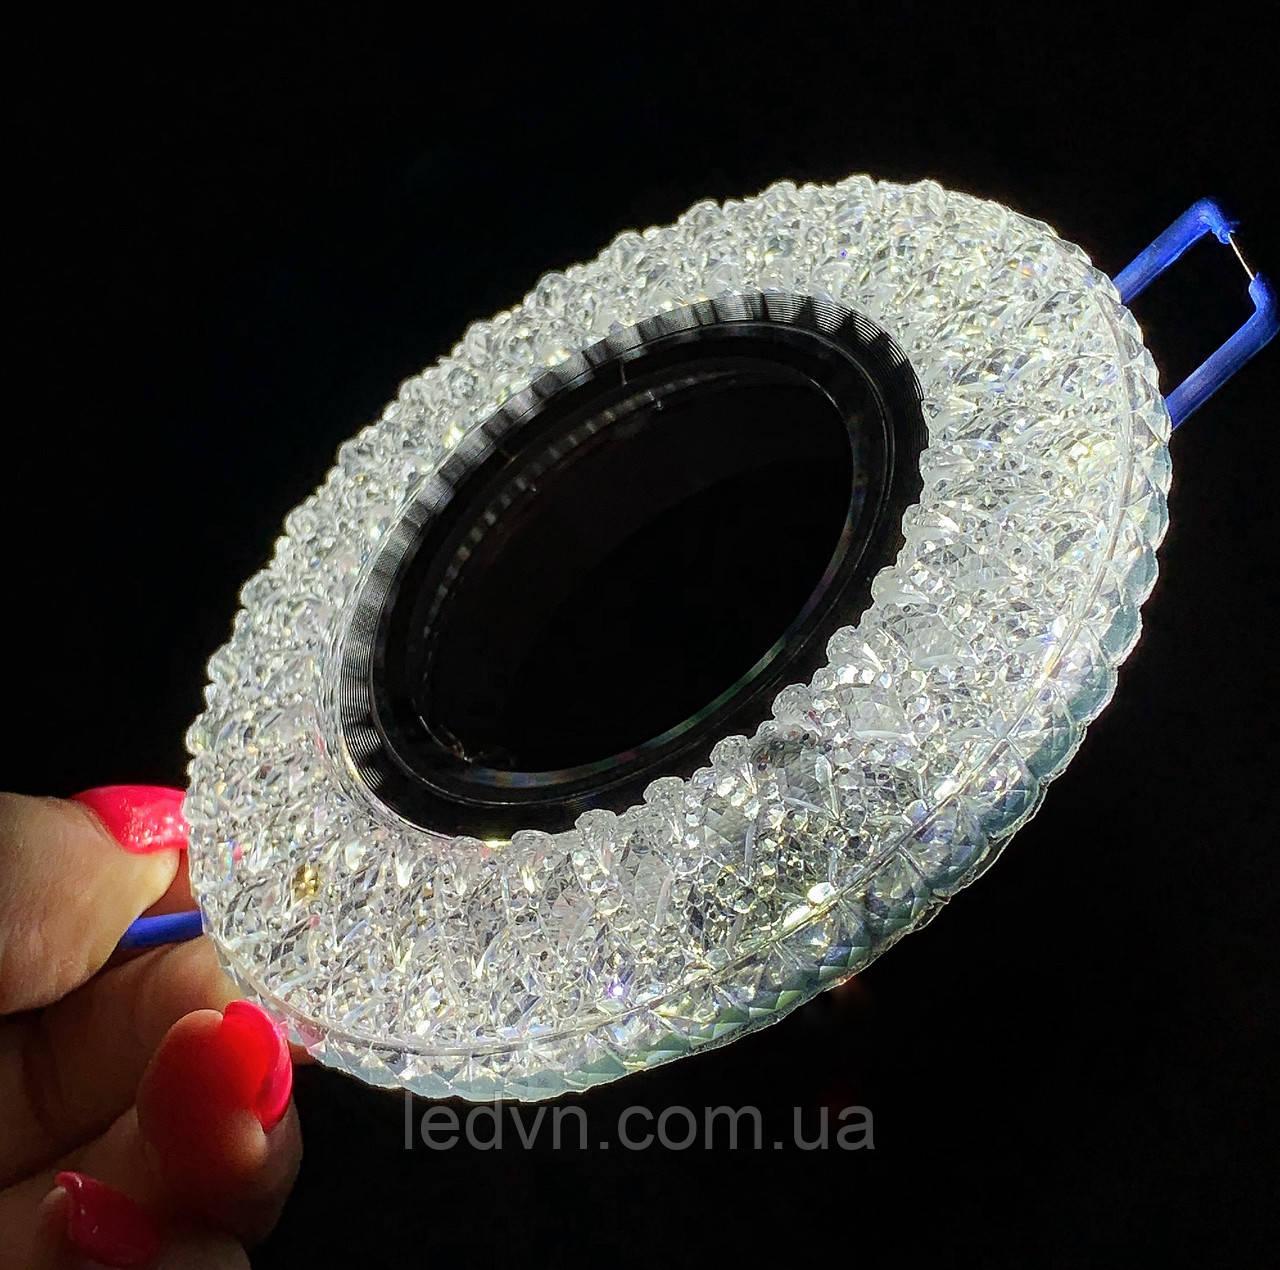 Точковий світильник з LED підсвічуванням